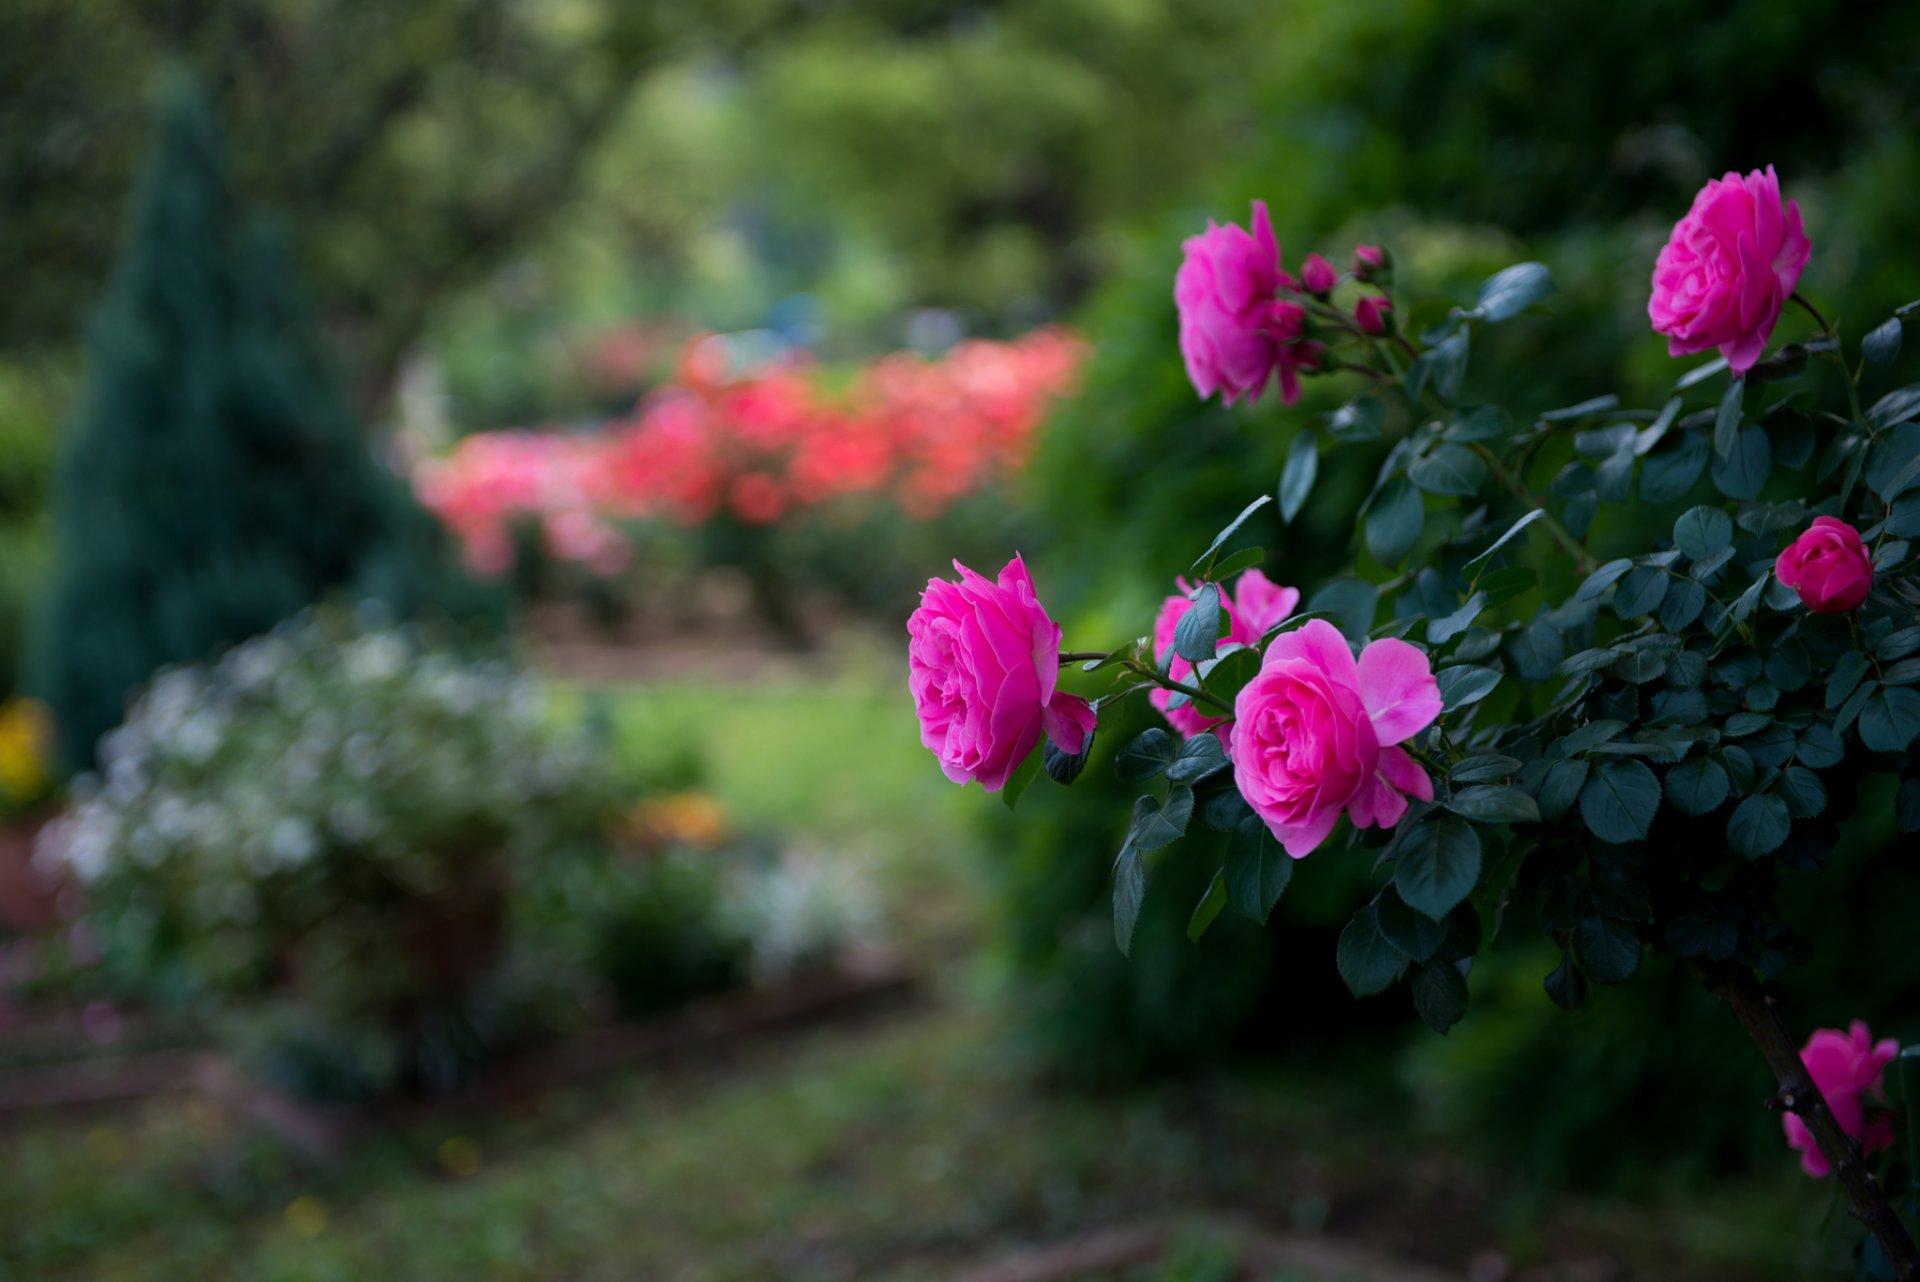 лишь кое-что фотообои на рабочий стол цветы розы выяснилось, что